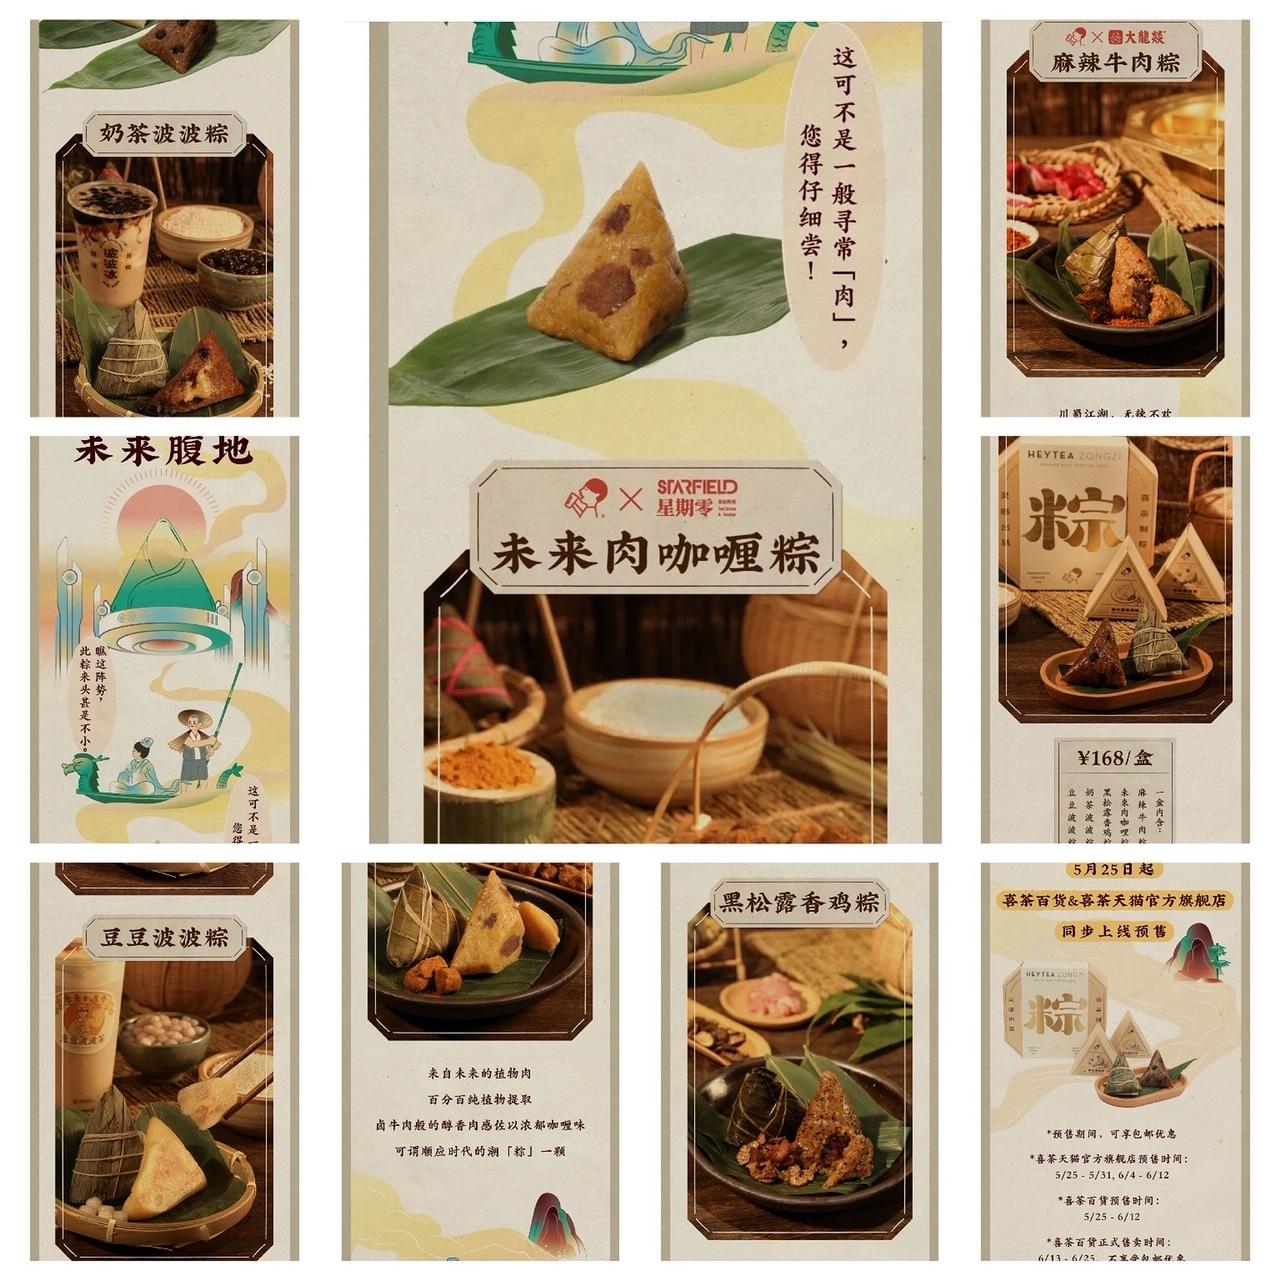 上海•喜茶の「未来肉咖喱粽子」は人口肉でカレー味!!